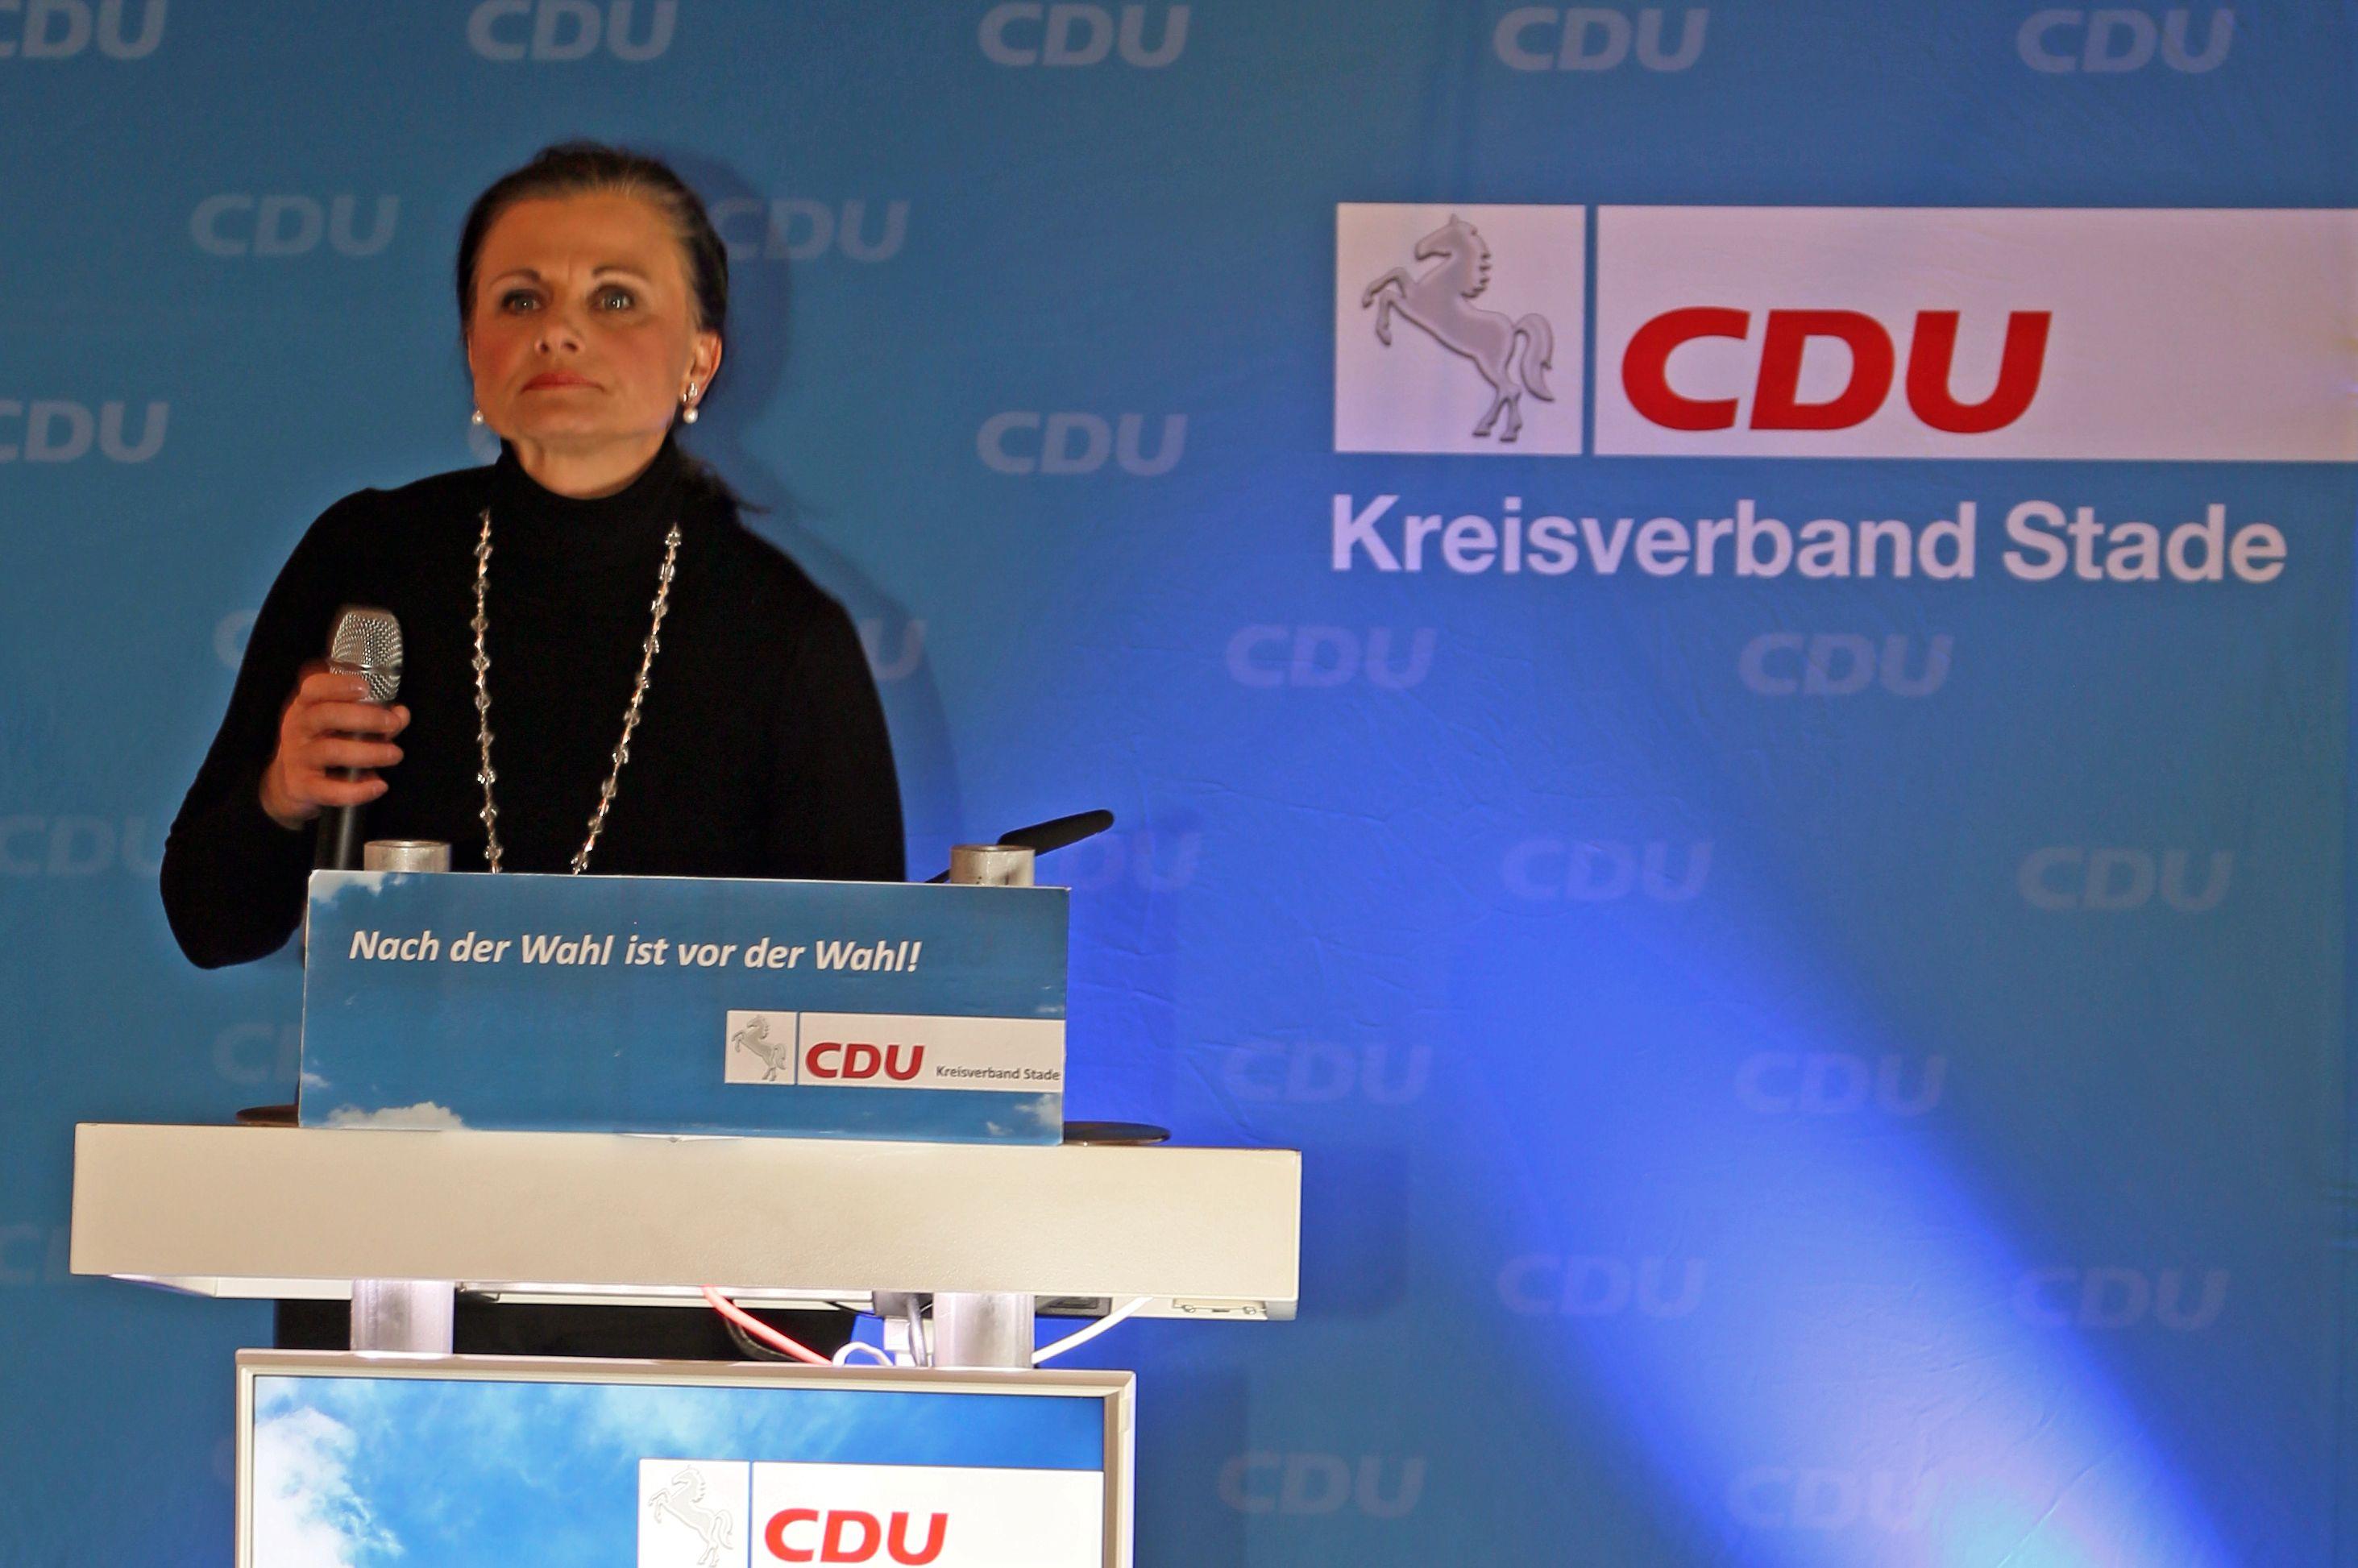 CDU Portal Kreisverband Stade » CDU erwartet Regierungswechsel in ...